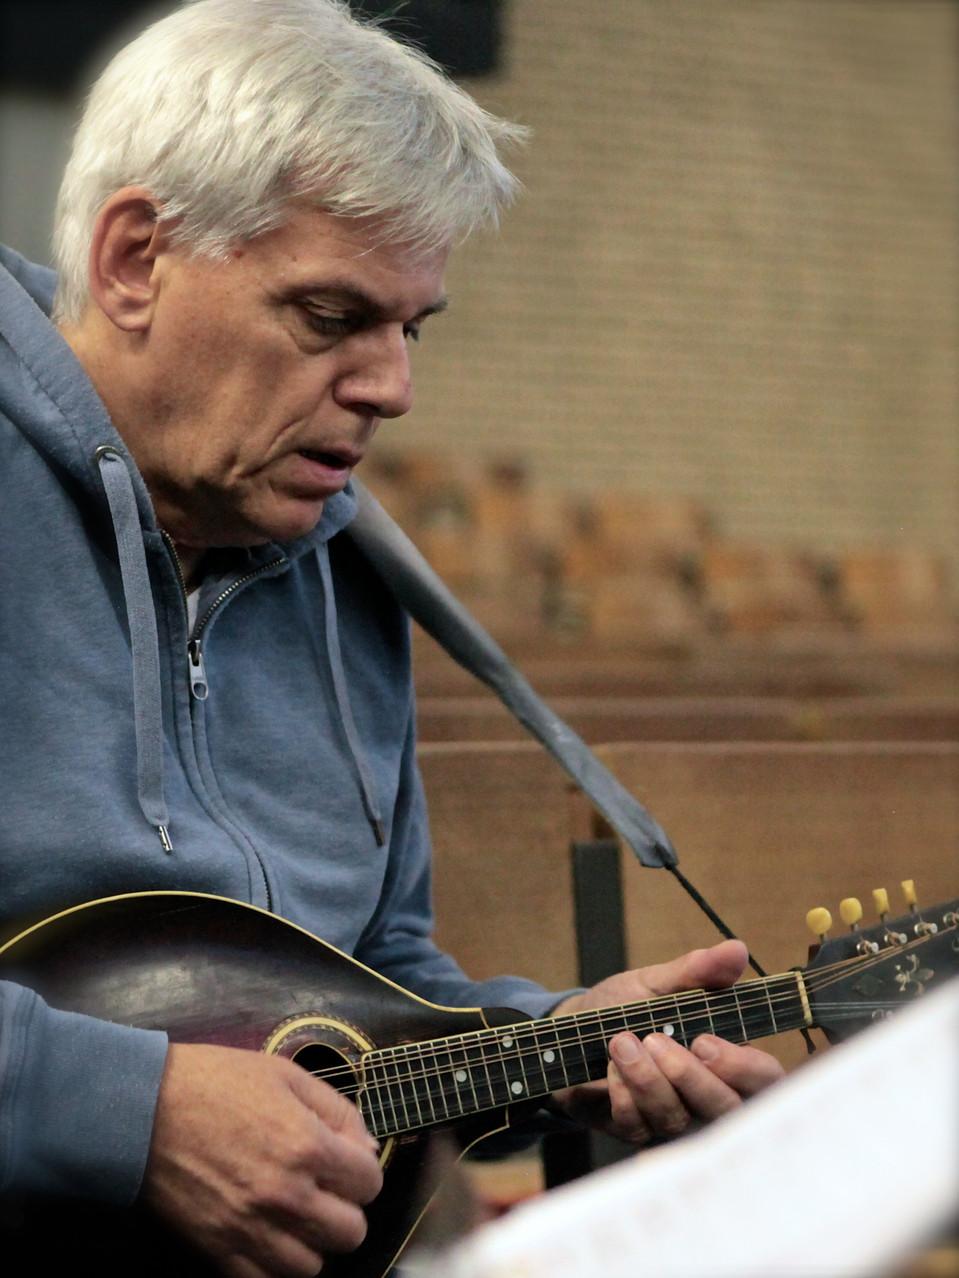 Rainer Guth (Mandoline) Die Musiker der Band von ulf hartmann. Livemusik (Singer-Songwriter) aus Braunschweig. Foto: André Pause